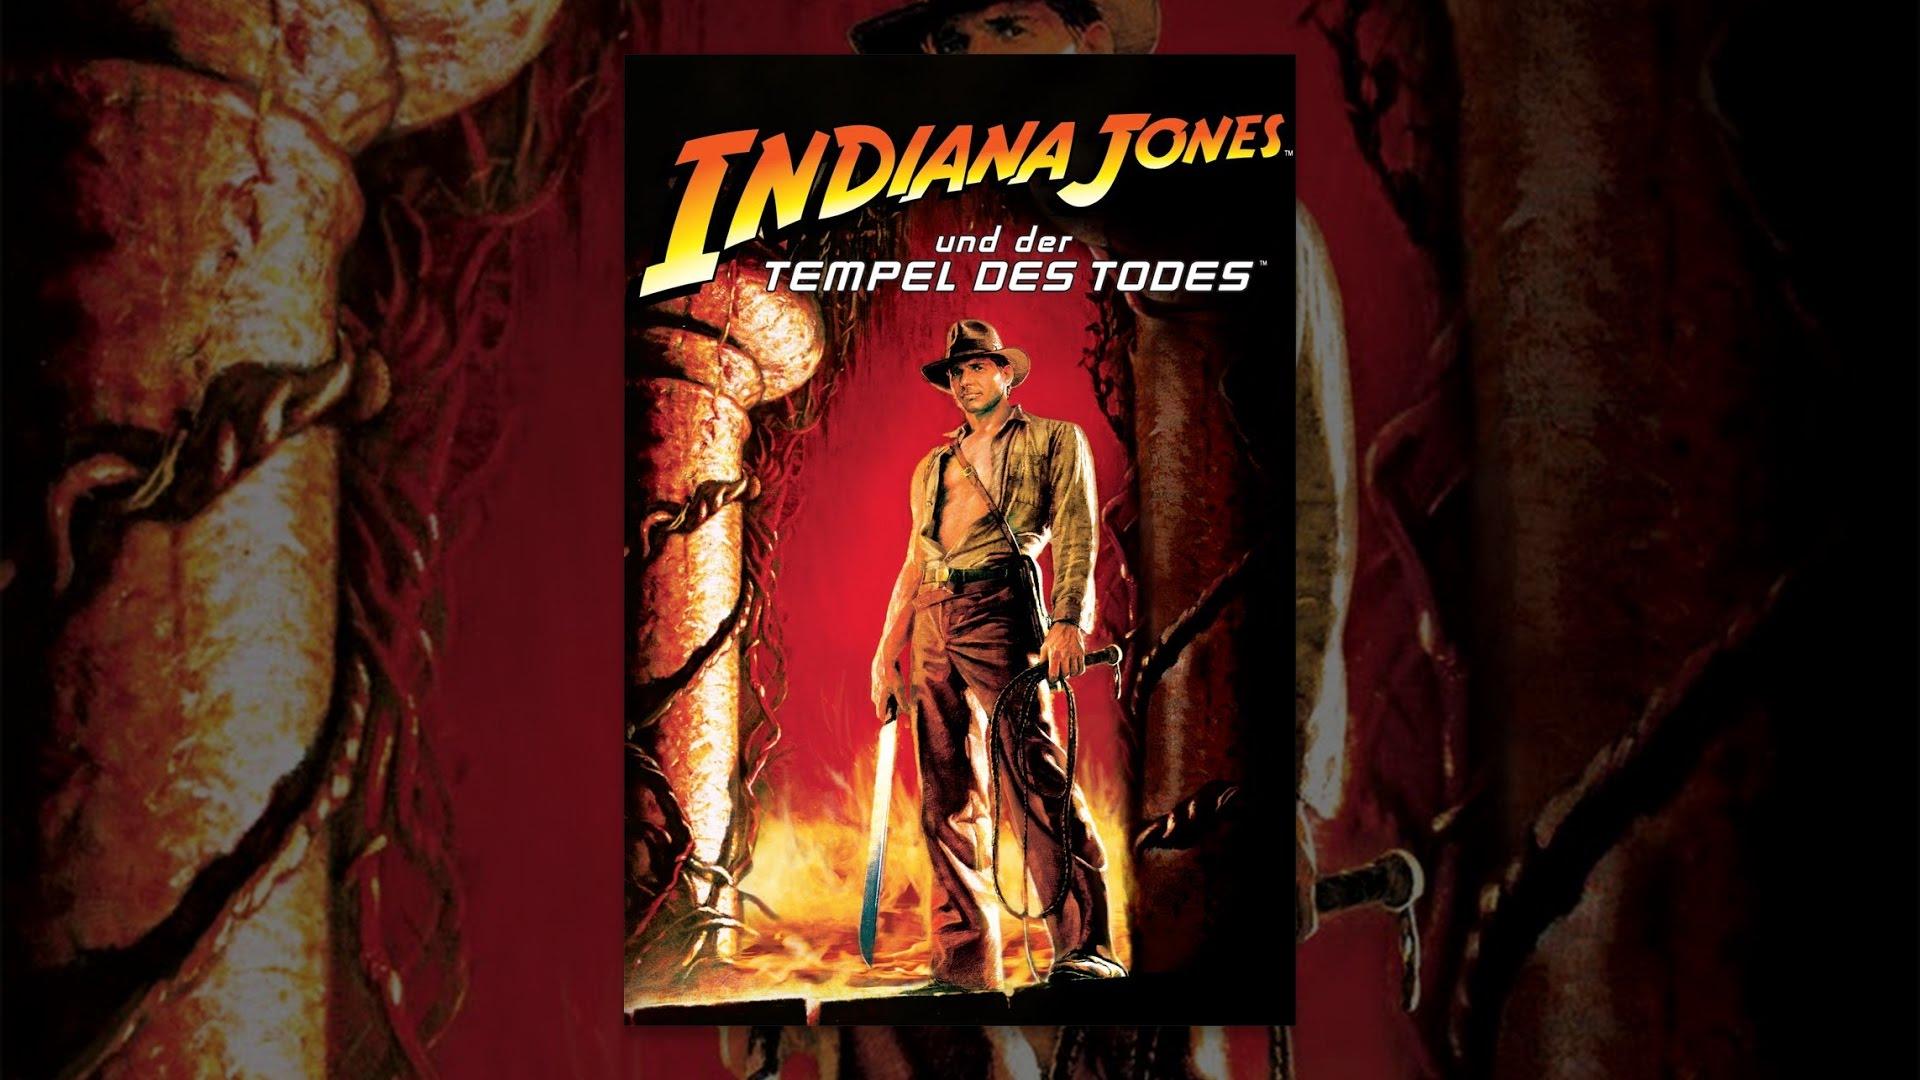 Indiana Jones und der Tempel des Todes™